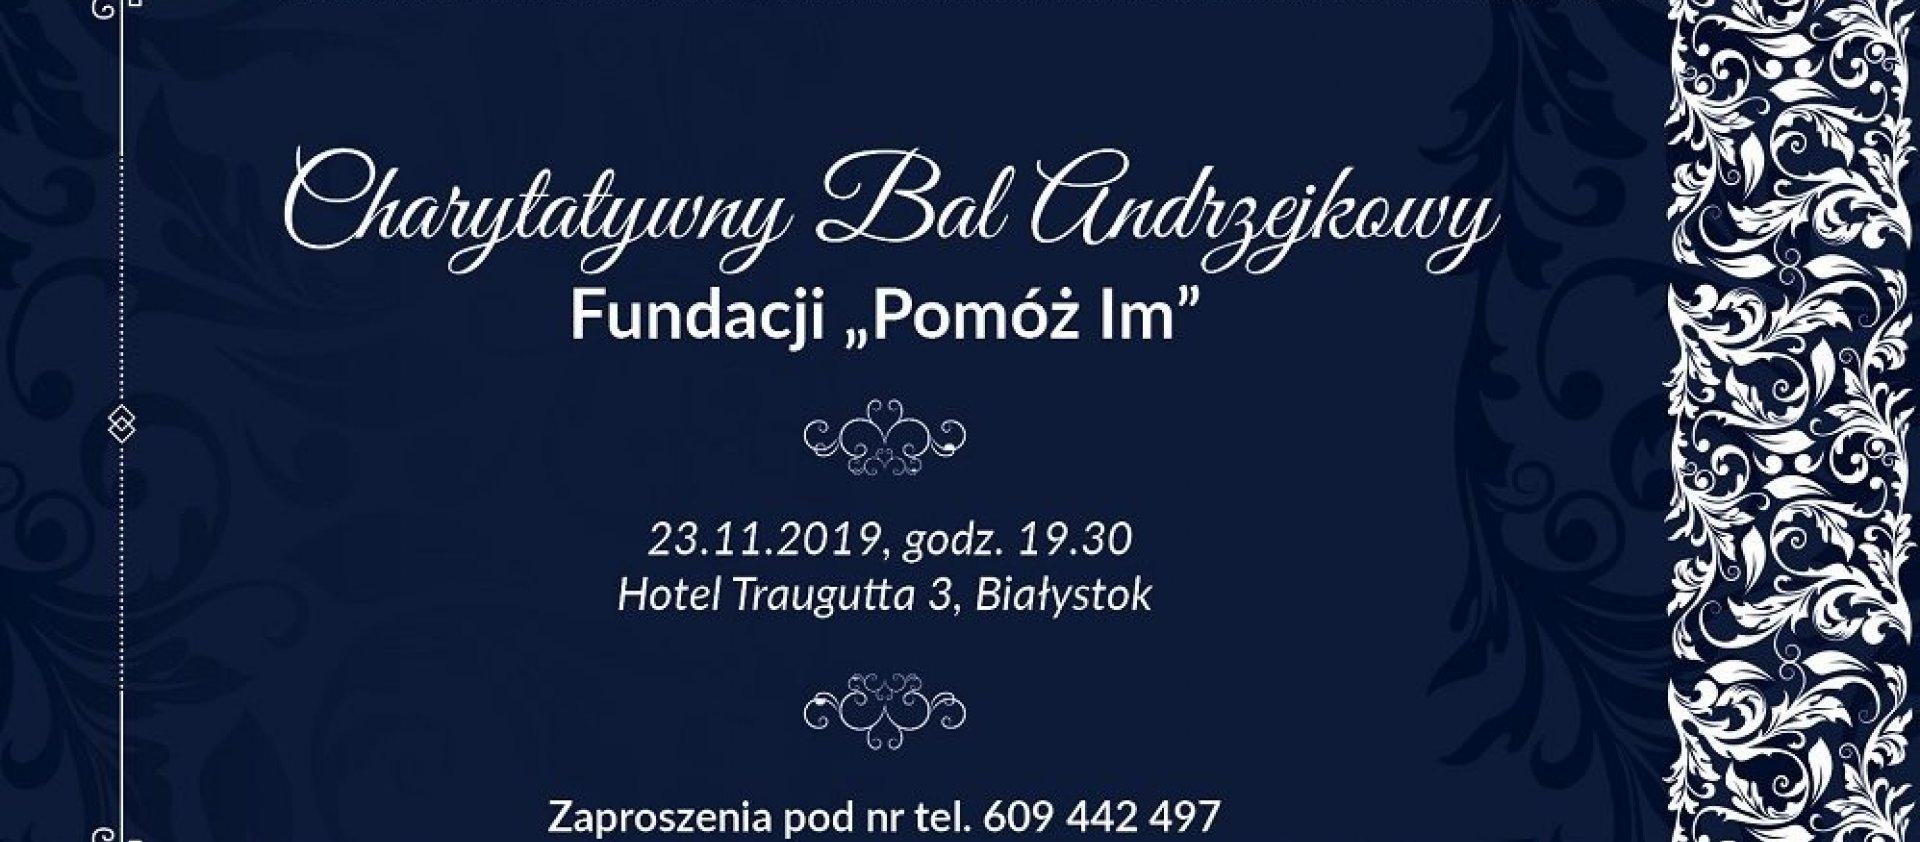 Charytatywny Bal Andrzejkowy